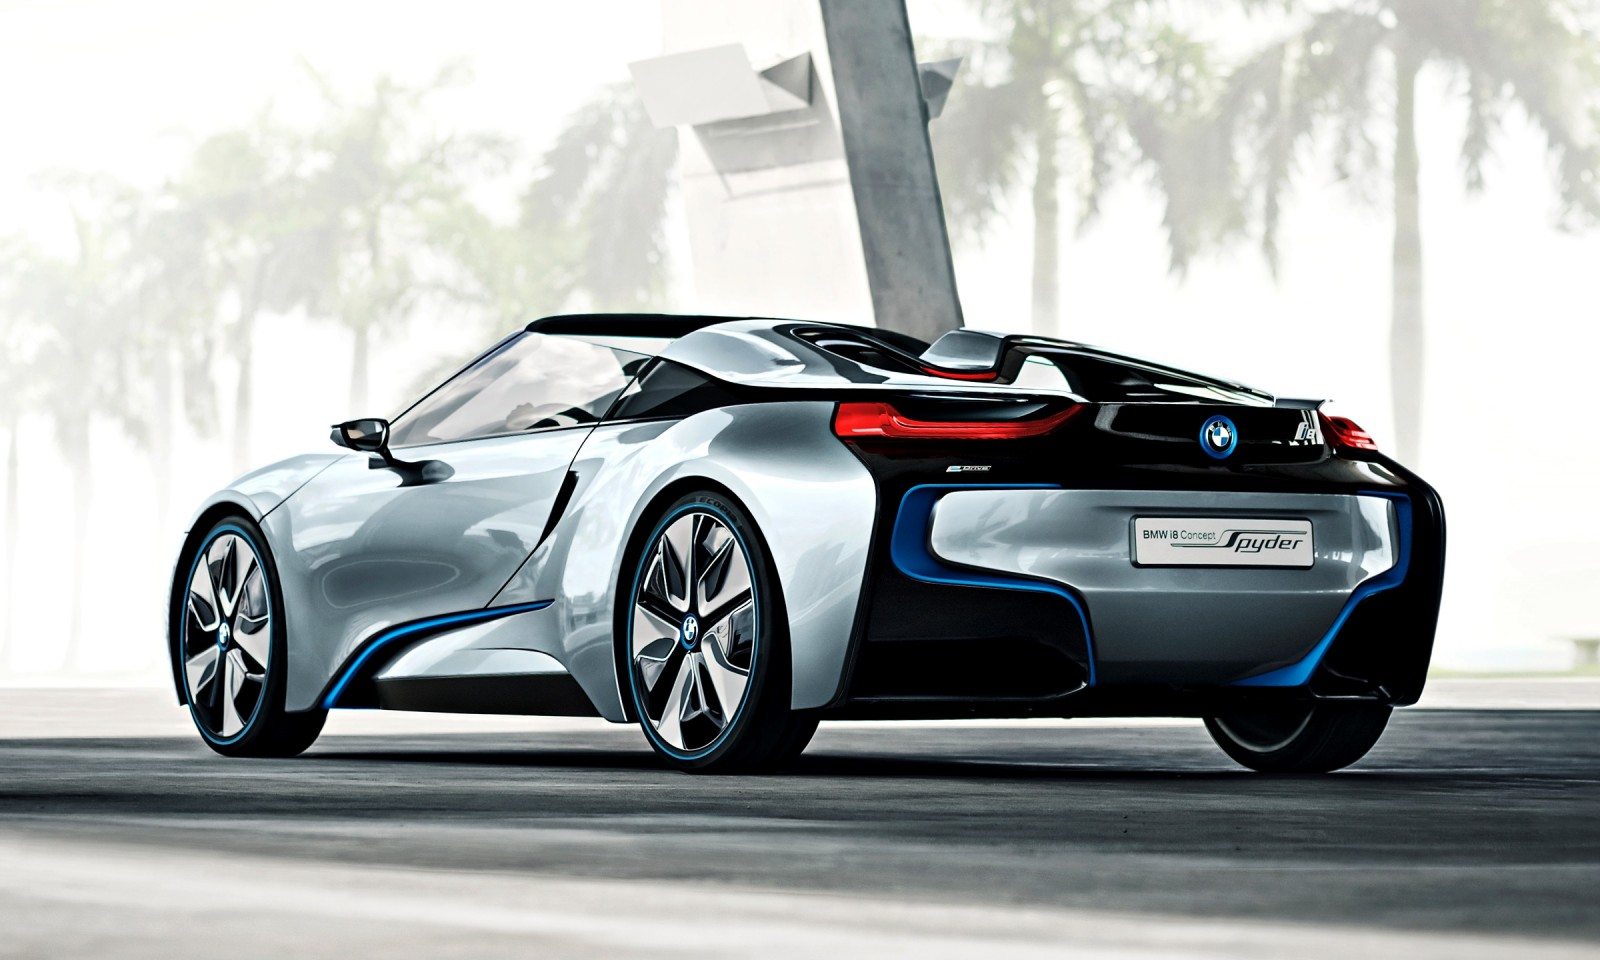 2012 BMW i8 Concept Spyder 39